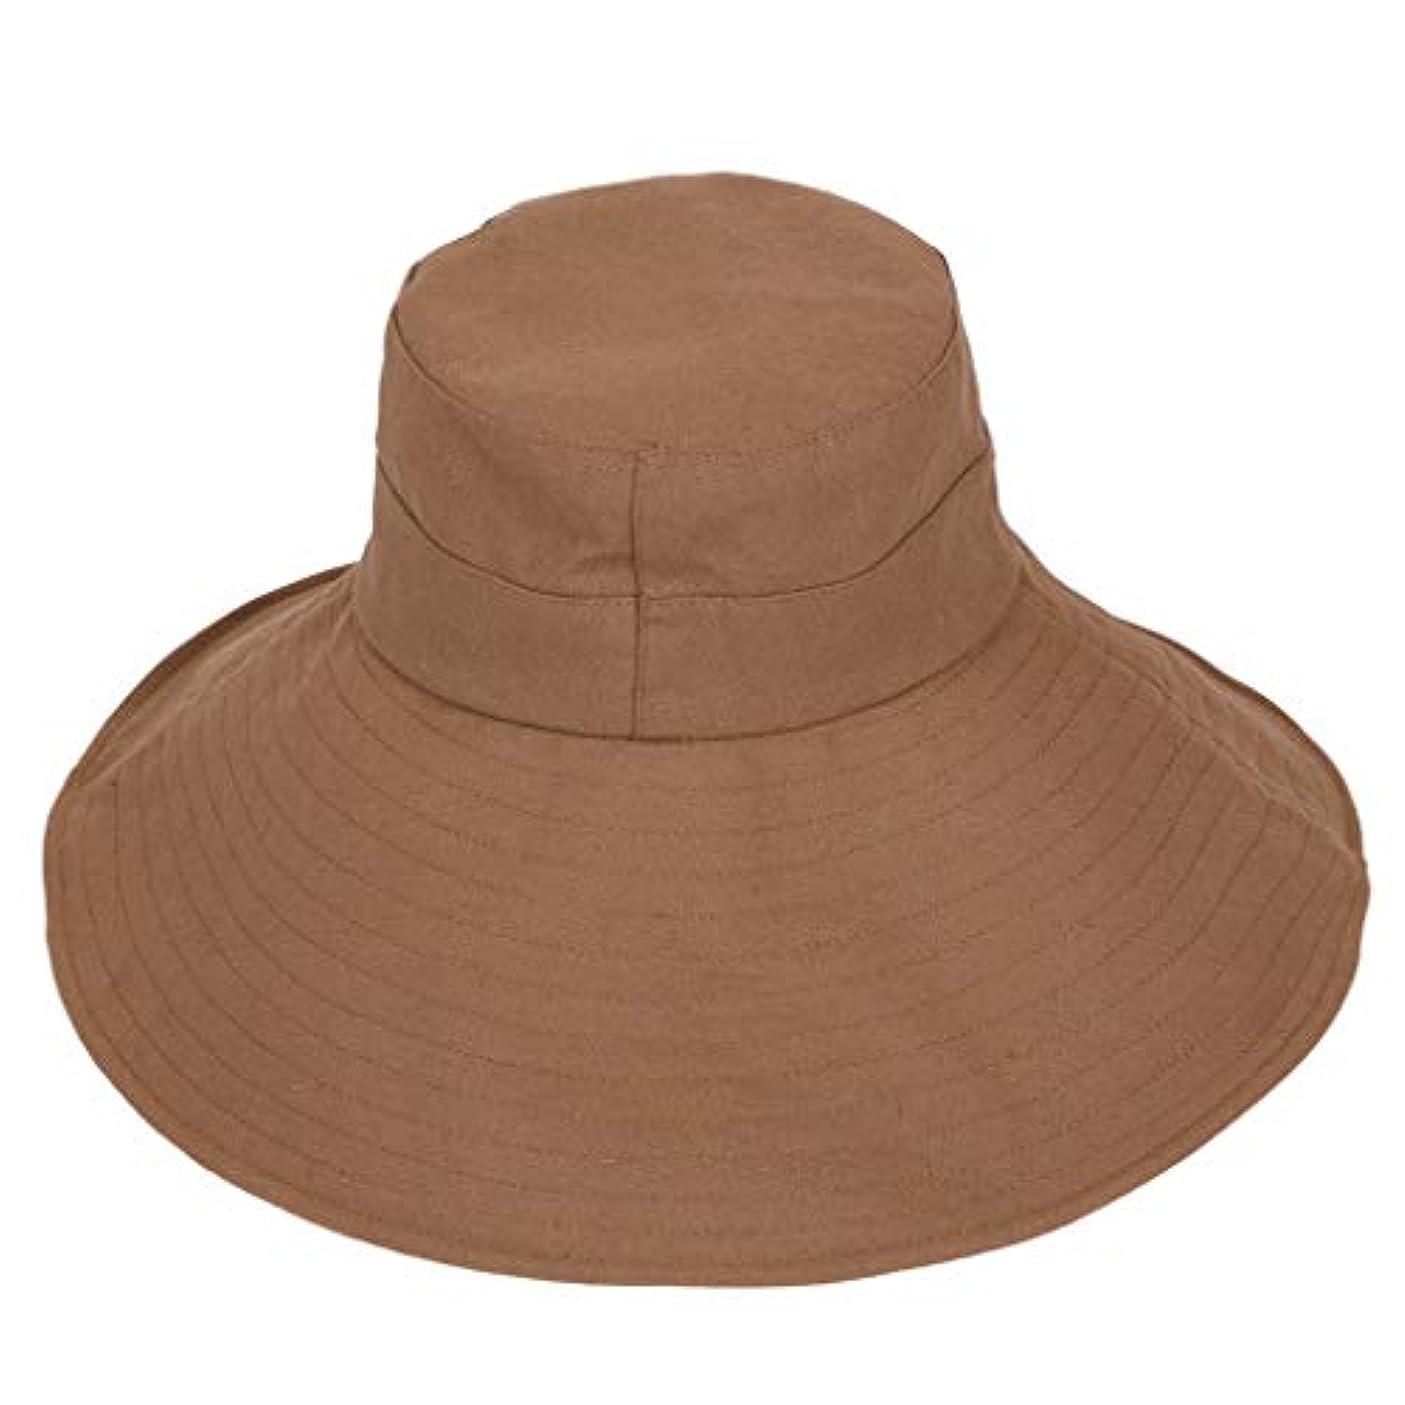 こどもの日マイルド相対性理論漁師帽 ROSE ROMAN 帽子 レディース UVカット 帽子 UV帽子 日焼け防止 軽量 熱中症予防 取り外すあご紐 つば広 おしゃれ 可愛い 夏季 海 旅行 無地 ワイルド カジュアル スタイル ファッション シンプル 発送